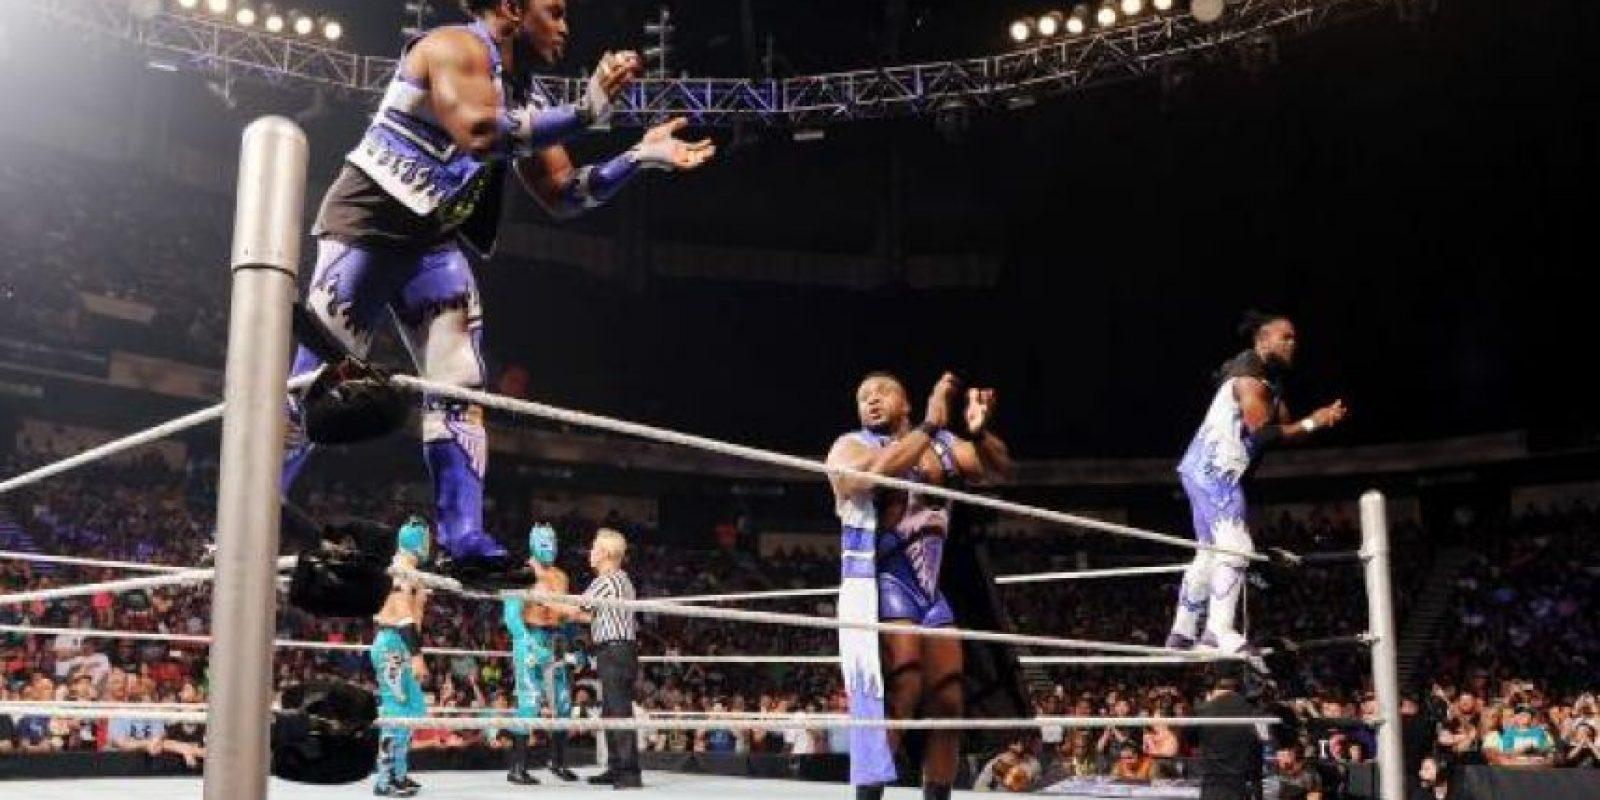 Una de las parejas a la que enfrentarán son The New Day, que estará representado por Big W y Kofi Kignston Foto:WWE